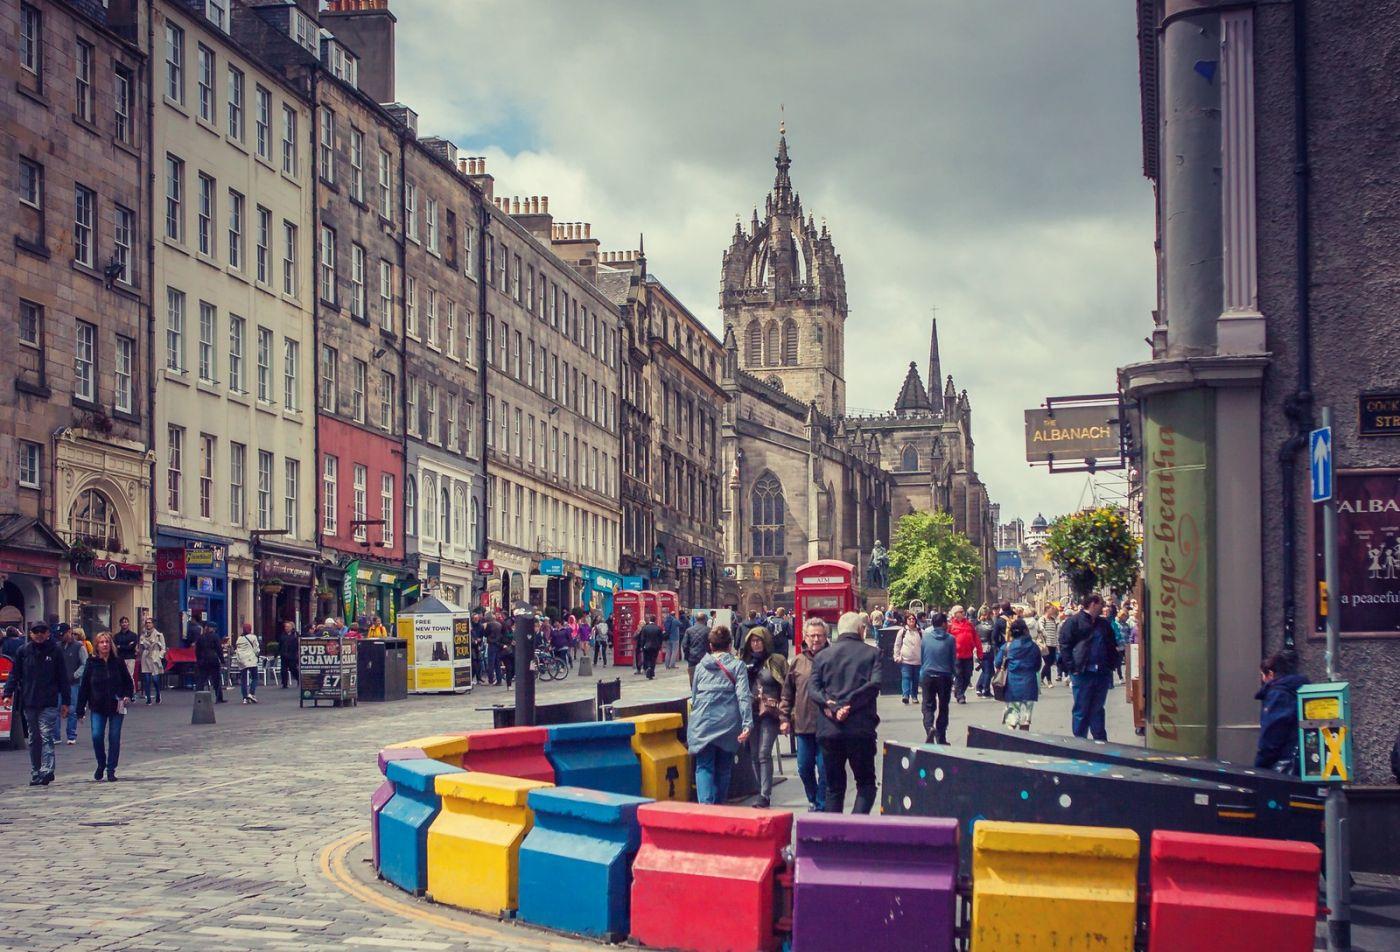 苏格兰爱丁堡,老城市老文化_图1-2